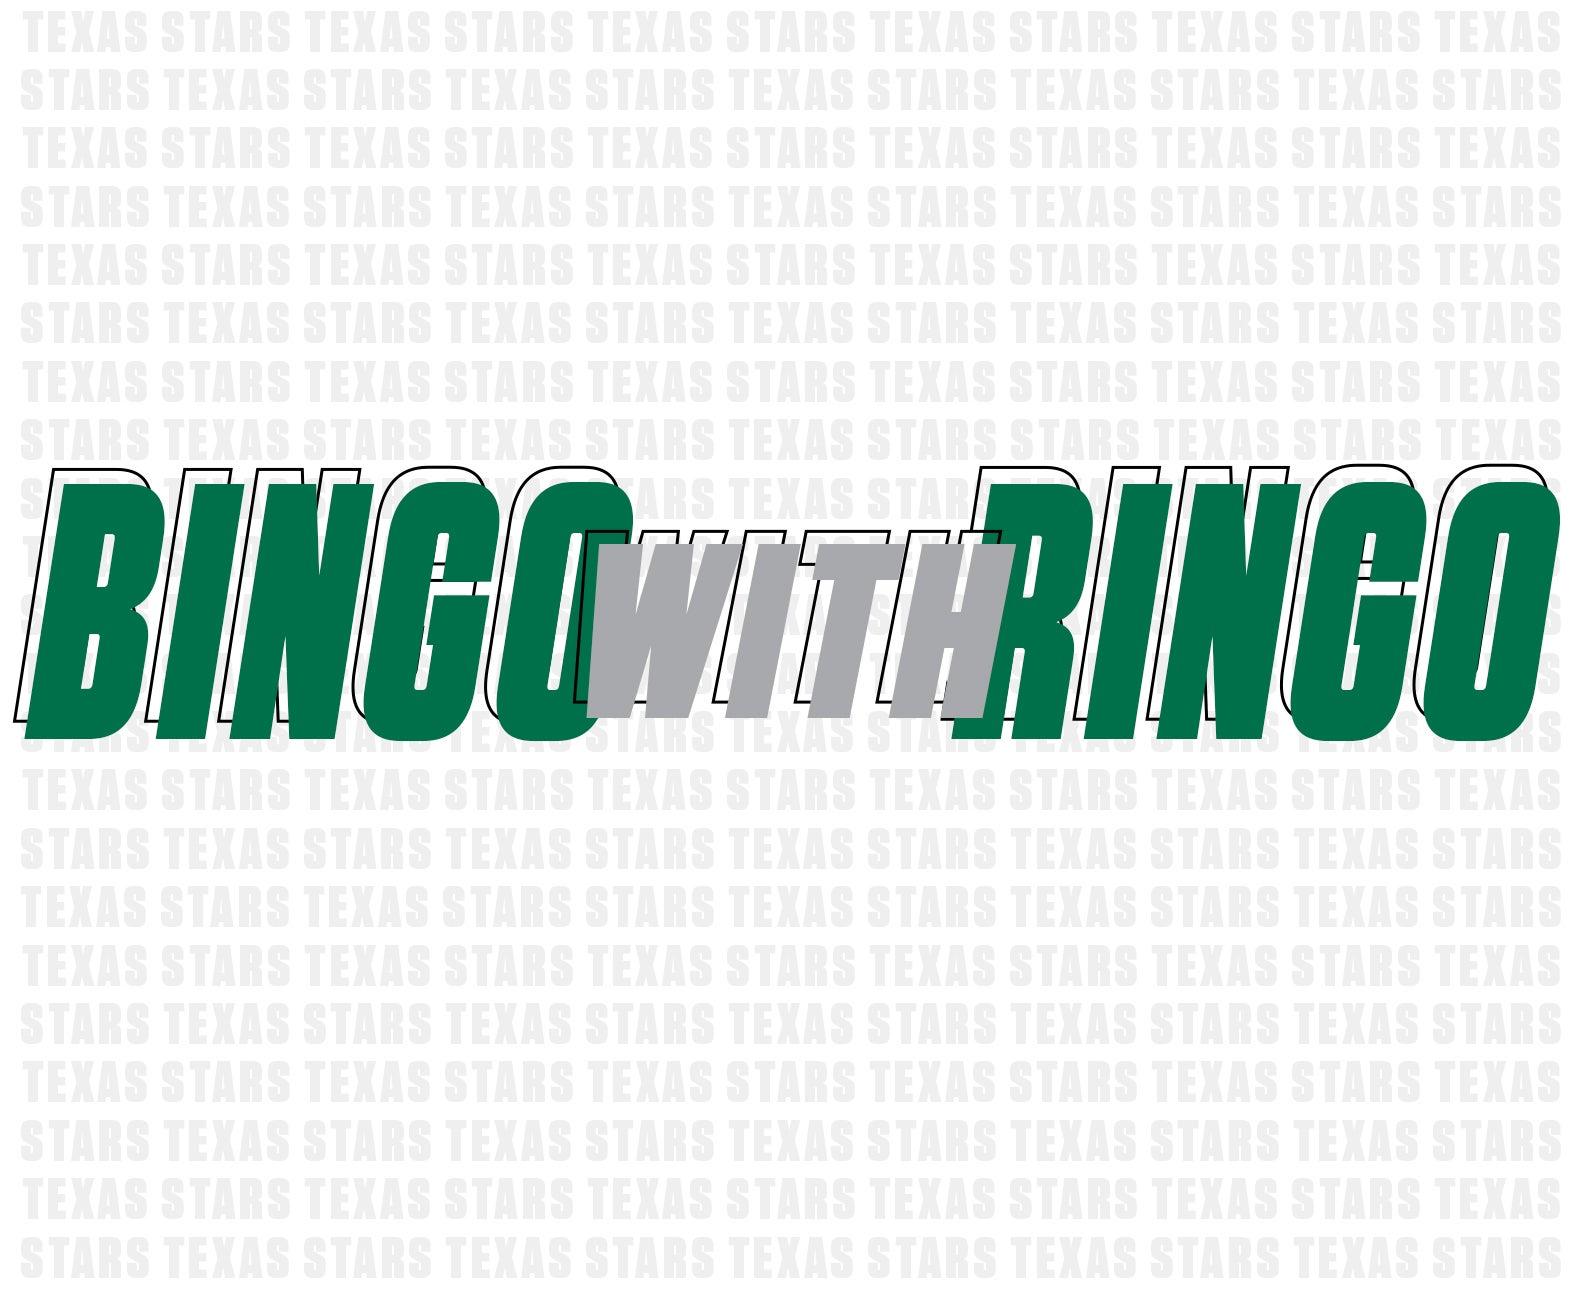 2122WebsiteButtons-BingoWithRingo.jpg